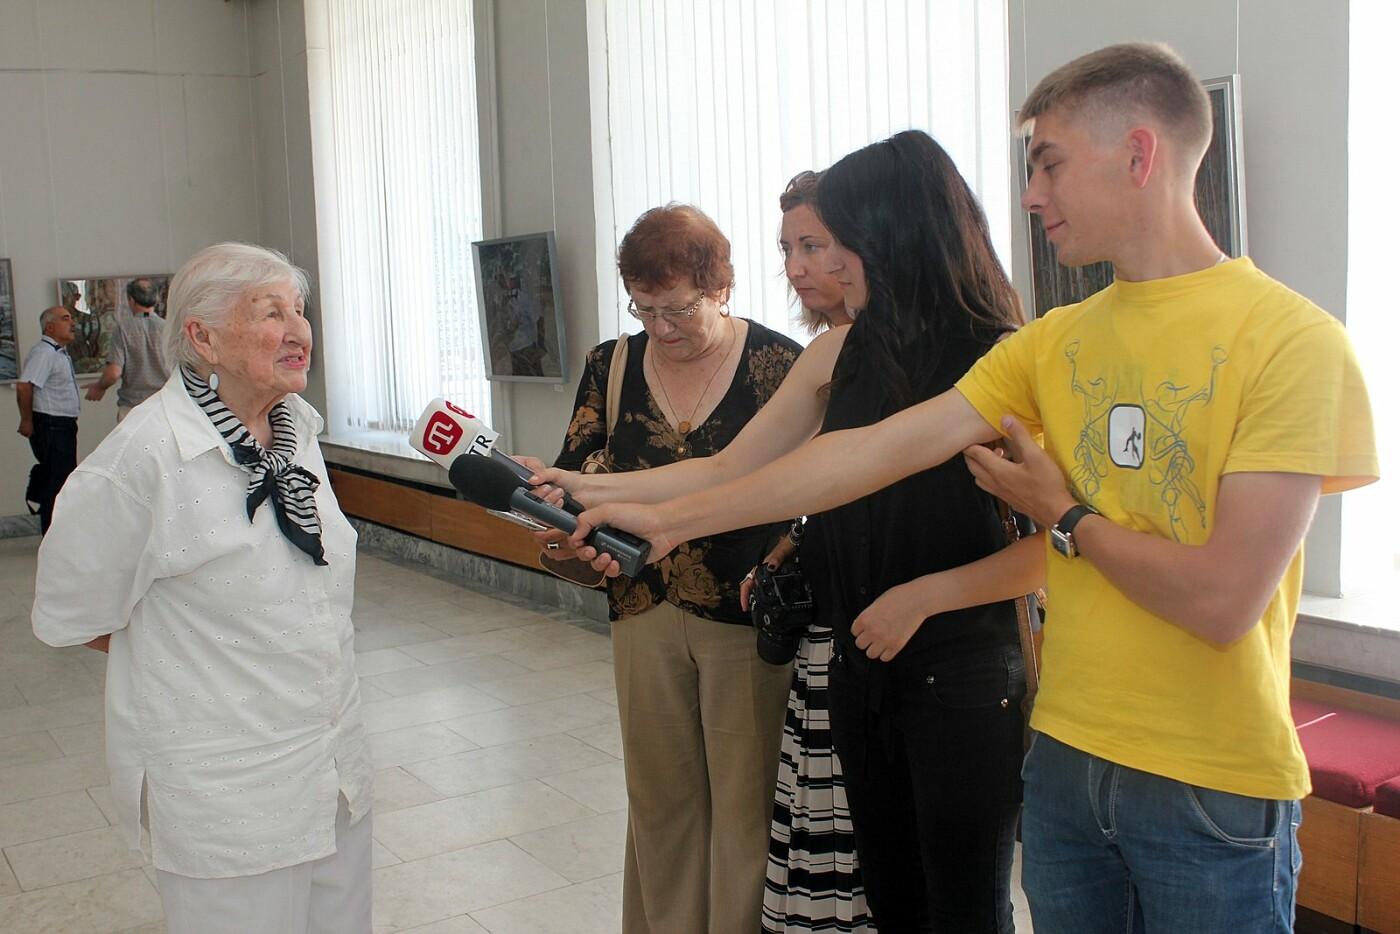 Анна Олейник, художник, почётный гражданин Ялты  сегодня празднует 94 года! , фото-1